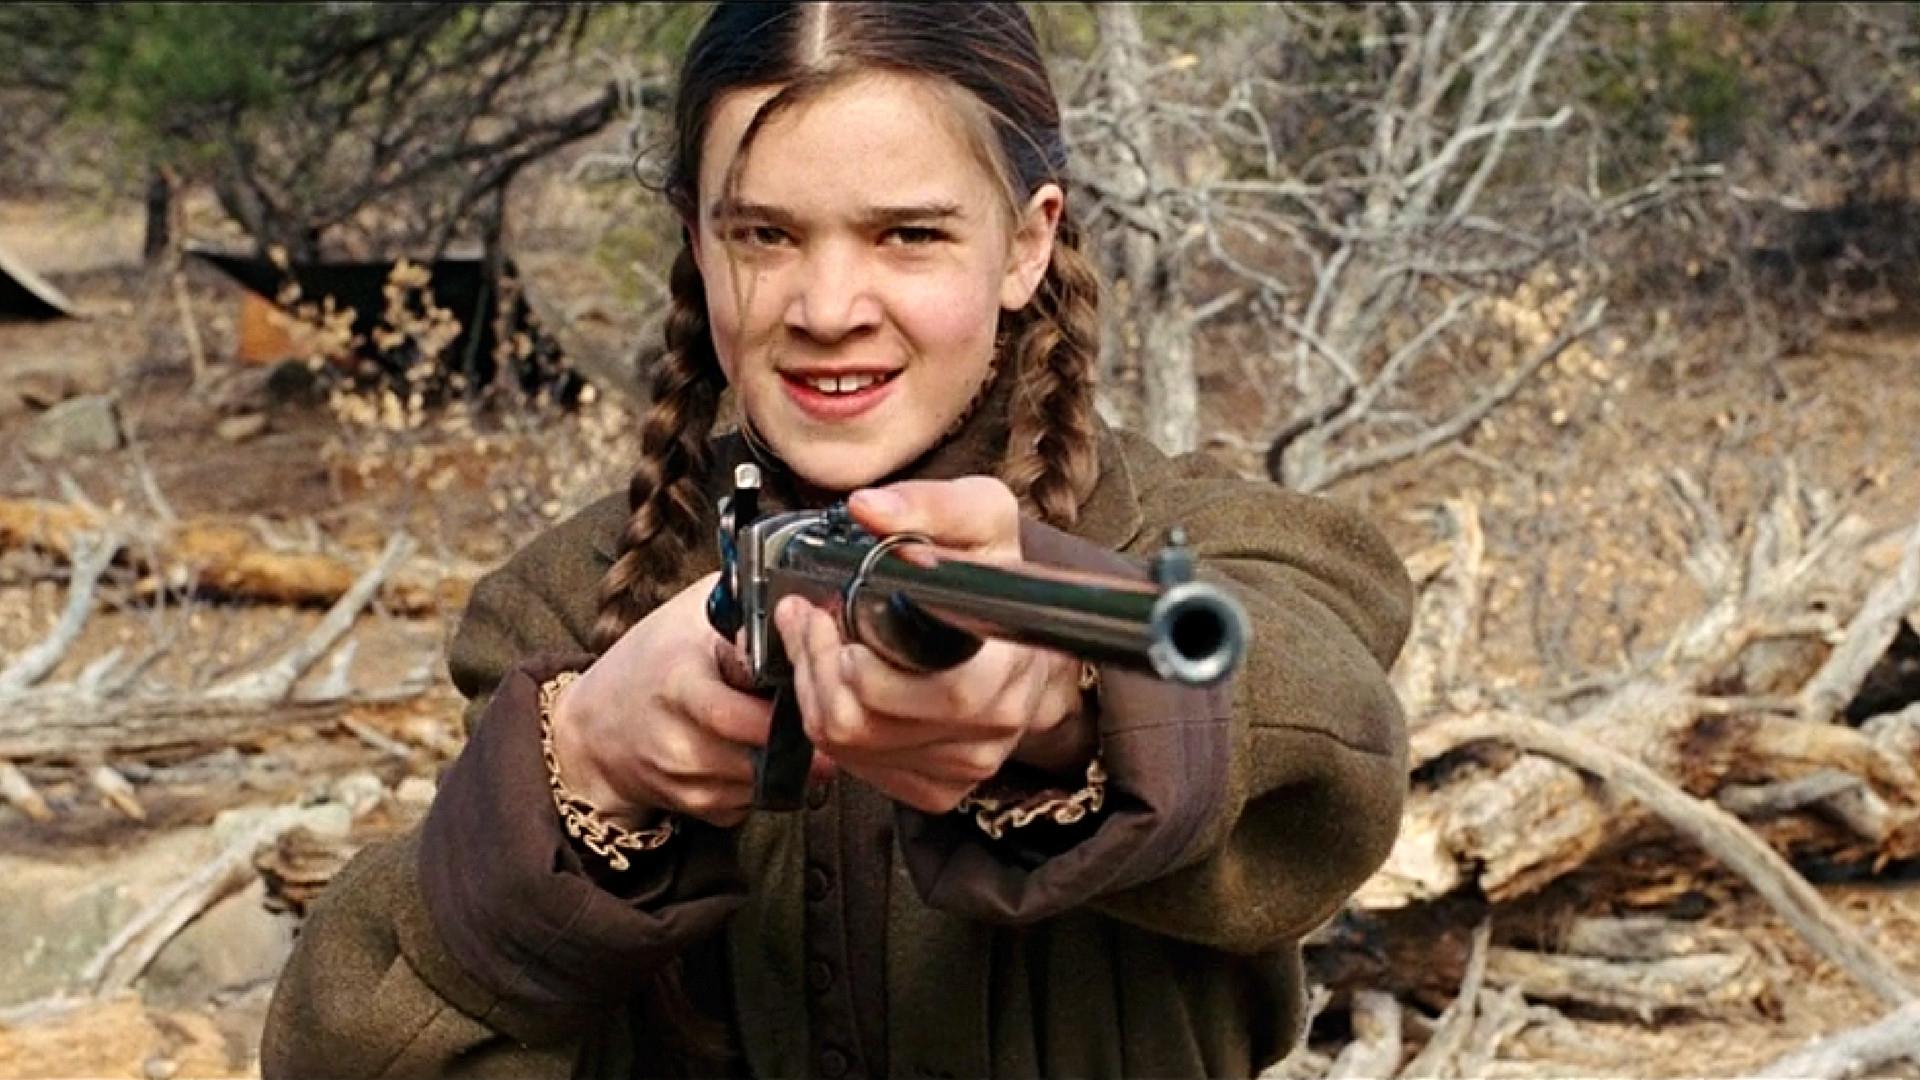 14岁少女扛枪骑马,闯深山和土匪抗争,买凶杀人只为给父亲复仇